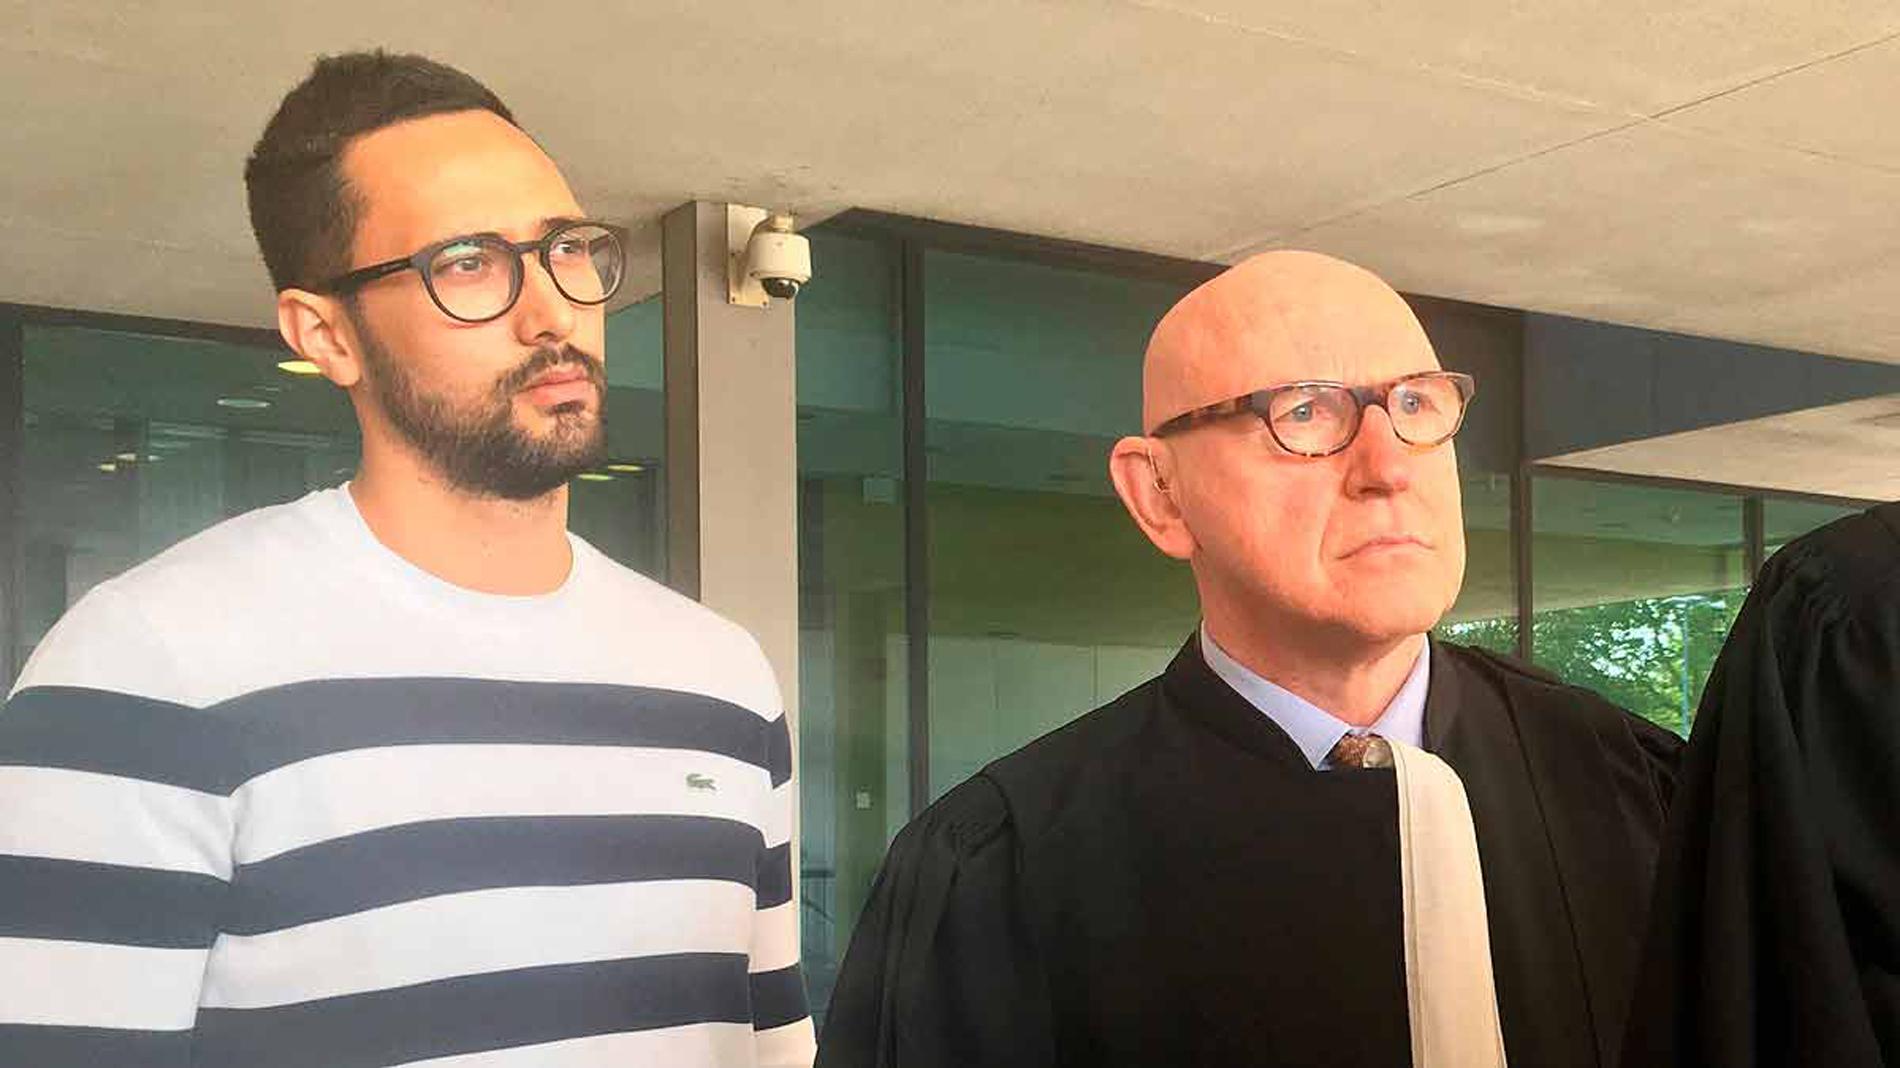 El juez belga pospone al 3 de septiembre su decisión sobre la extradición del rapero Valtònyc